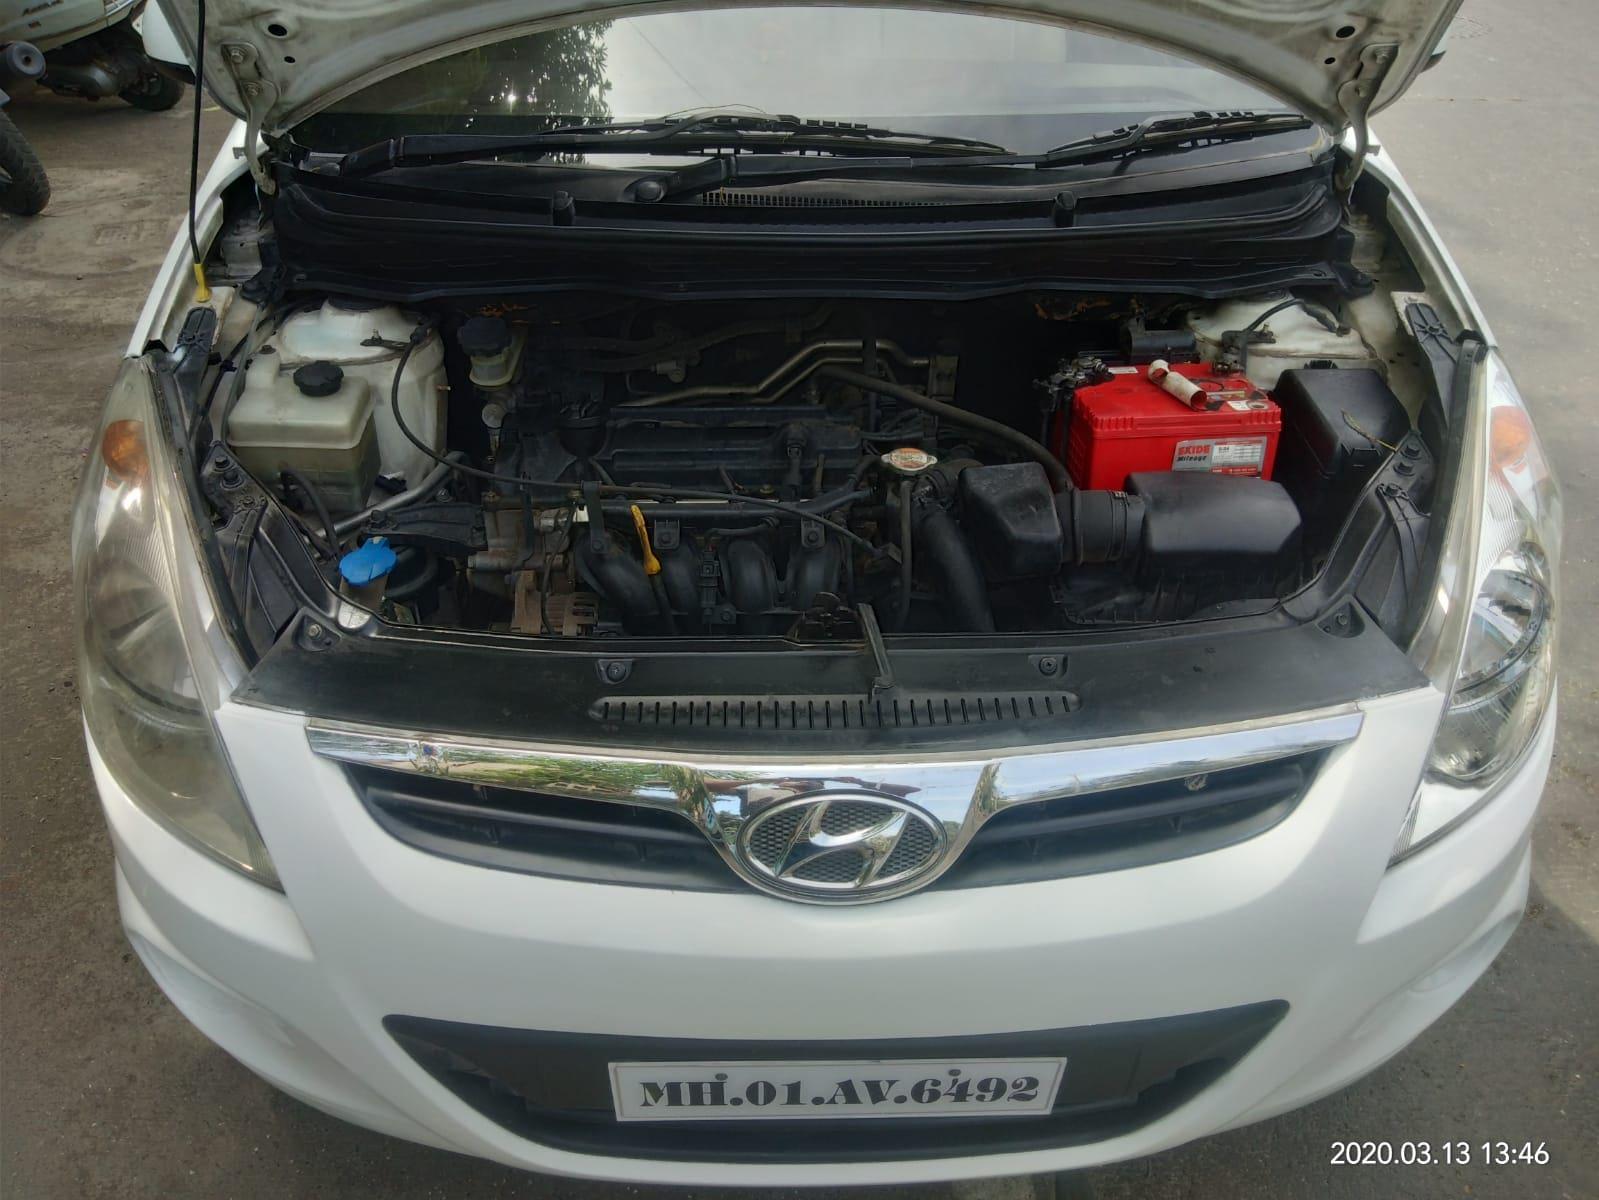 Hyundai i20 2010-2012 1.2 Magna